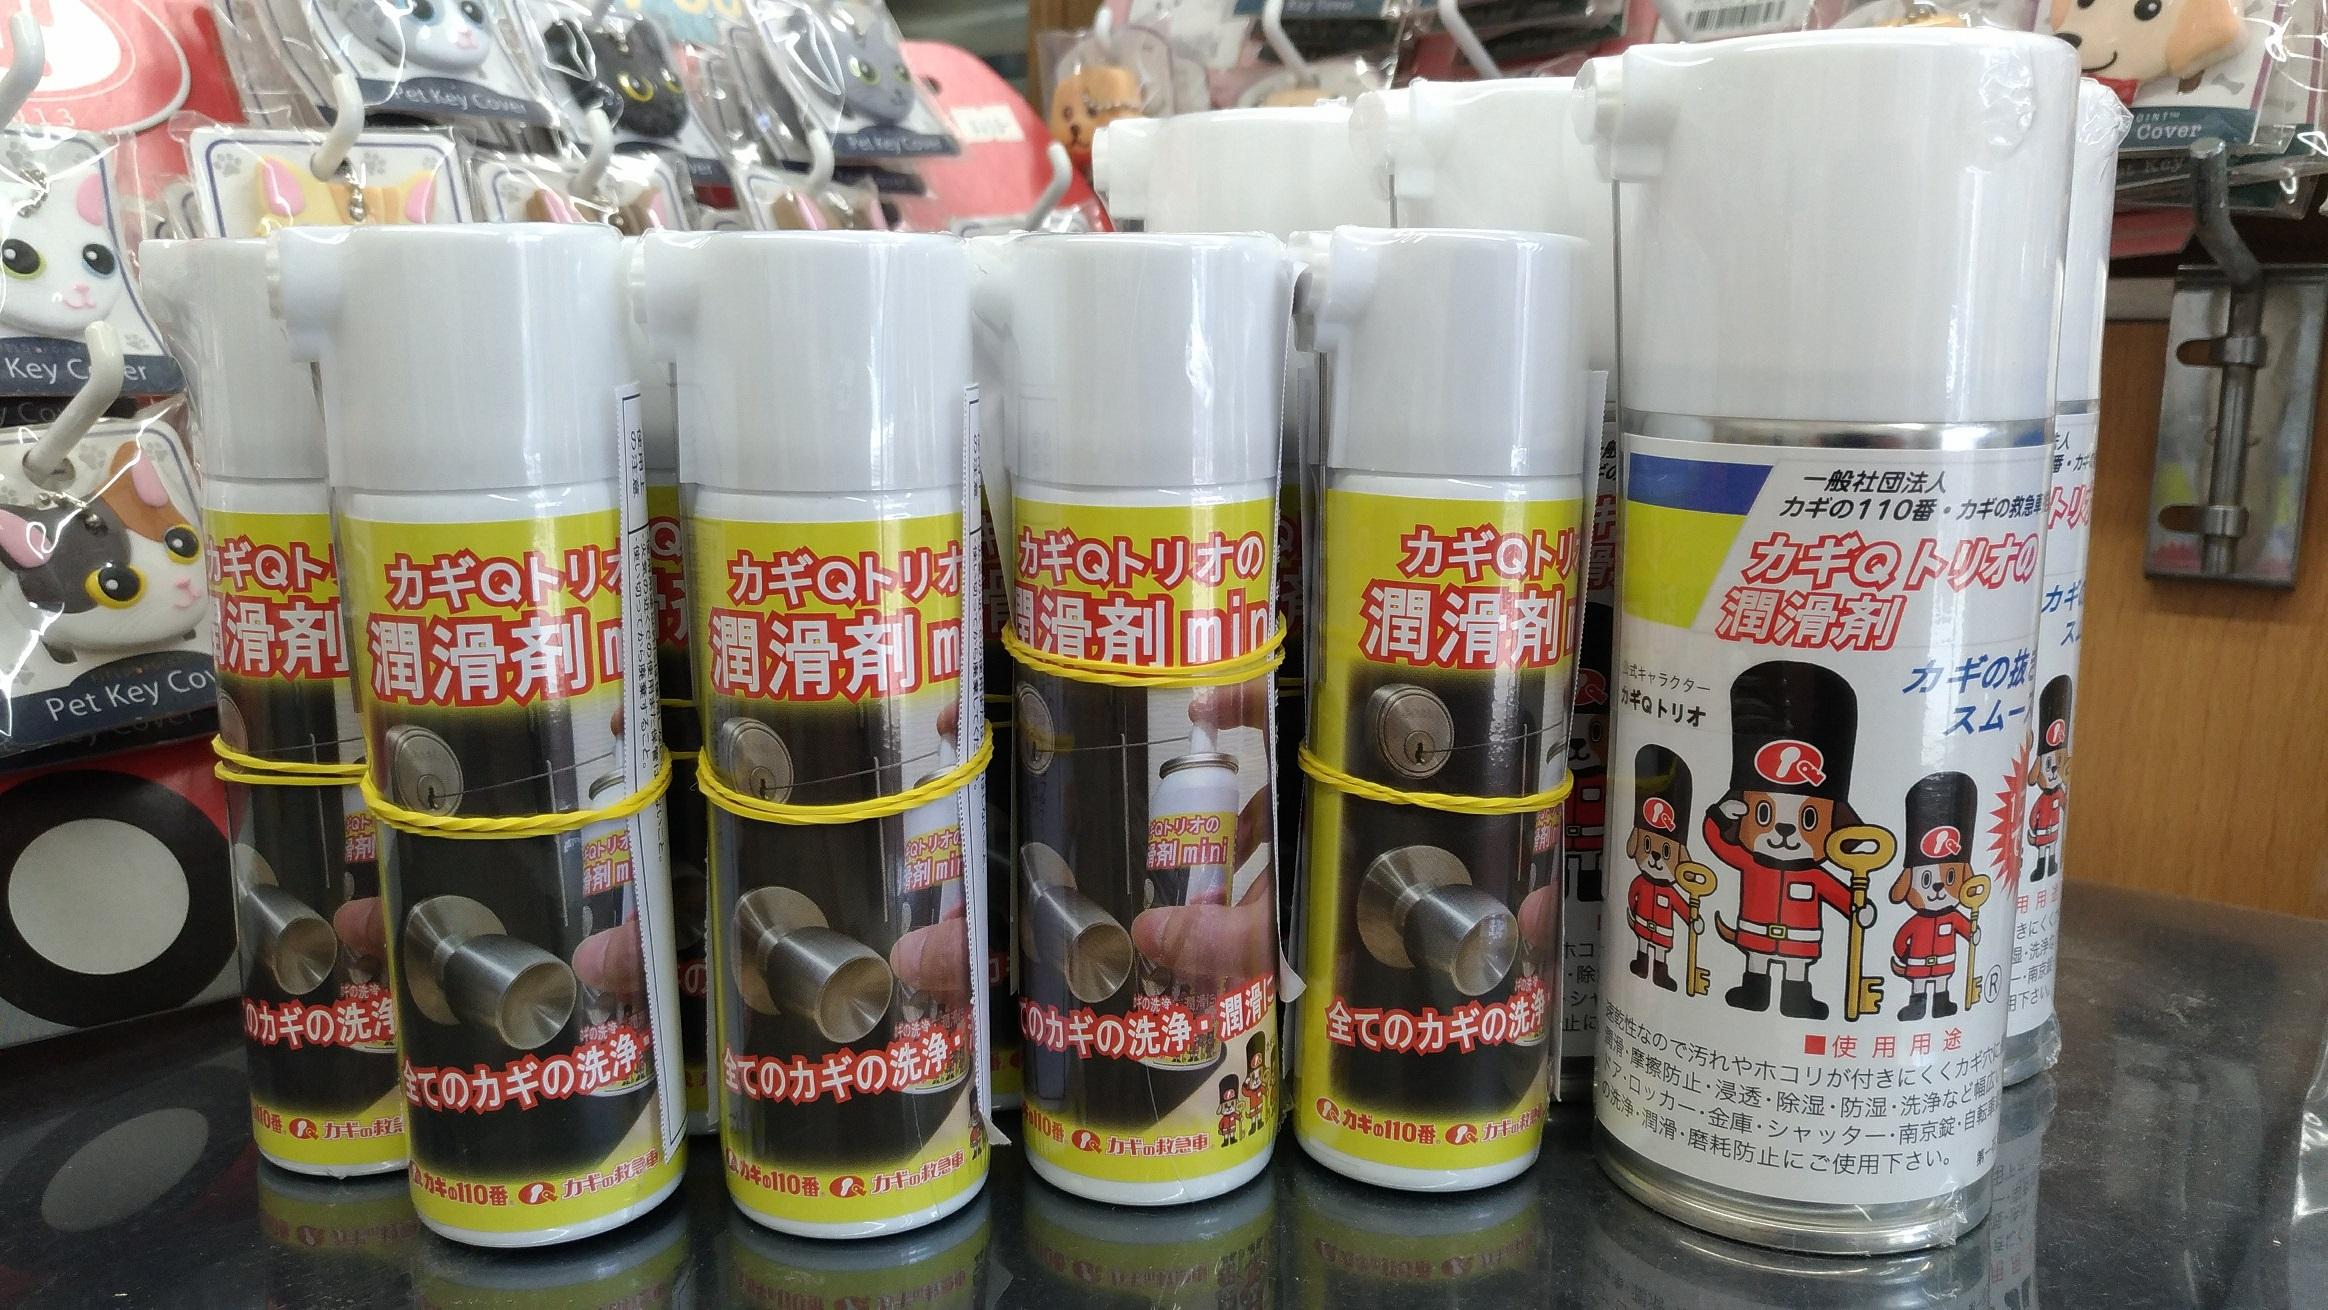 カギQトリオの潤滑剤mini